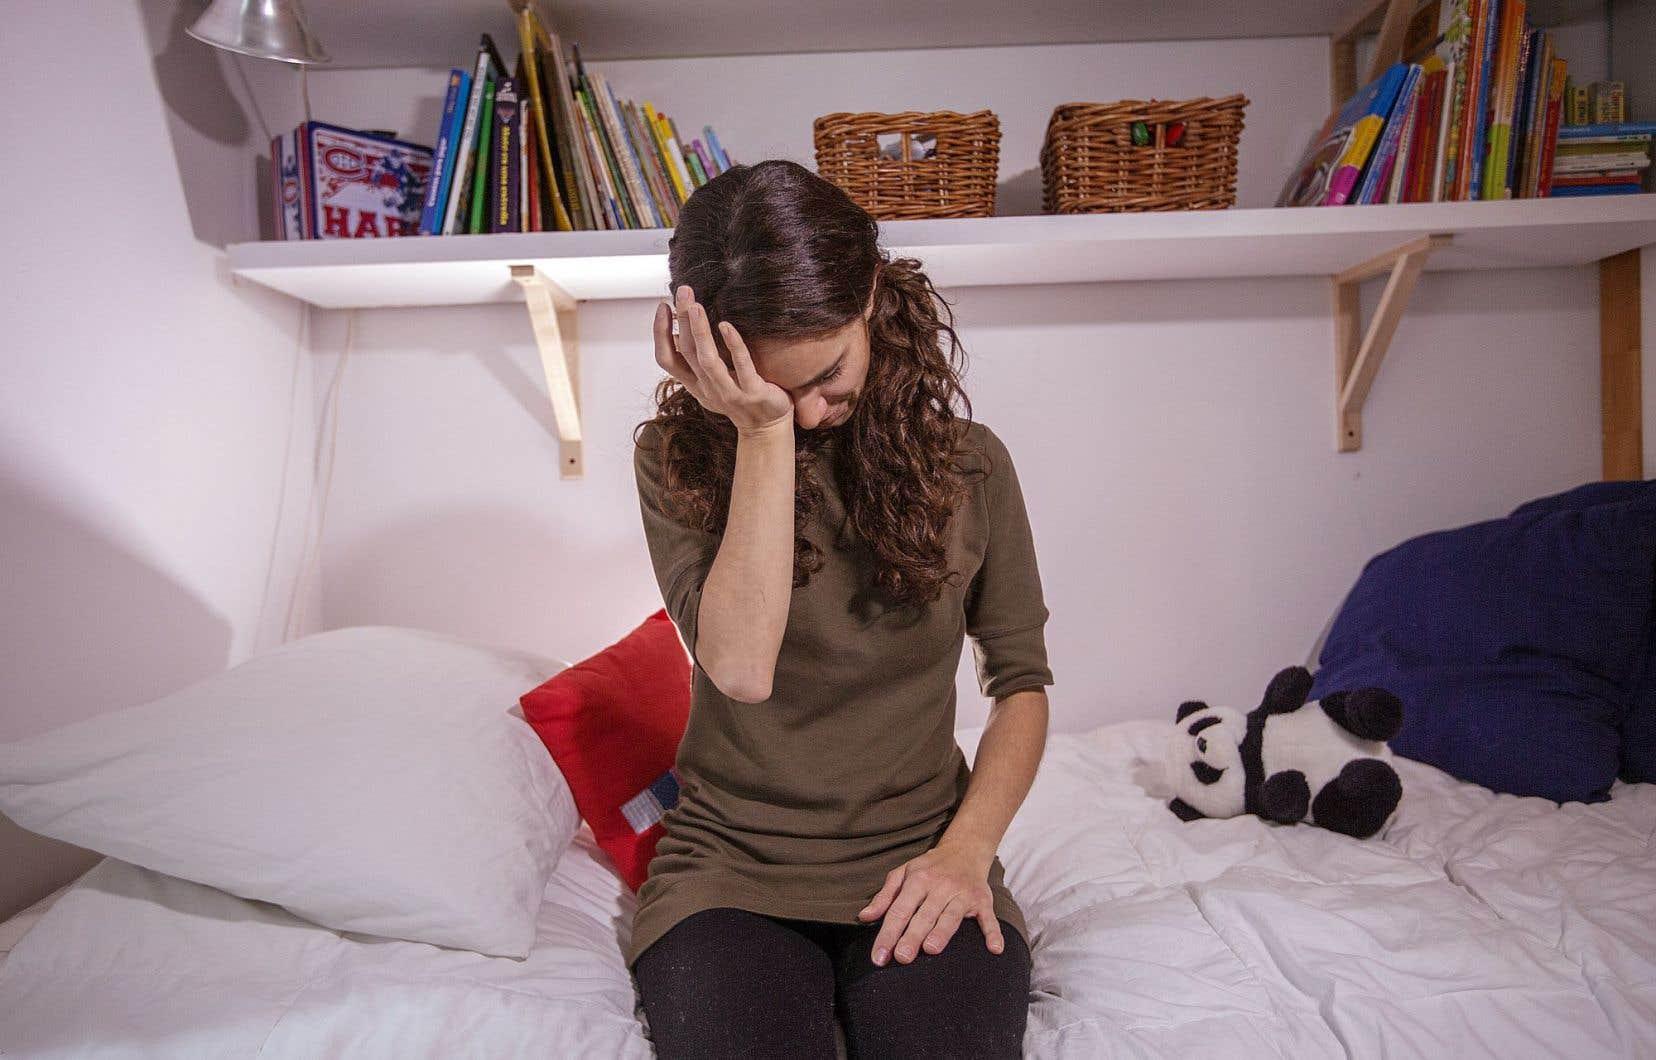 À l'heure actuelle, le traitement de première ligne et celui qui fonctionne le mieux, c'est la thérapie cognitivo-comportementale, contrairement aux <em>«somnifères, qui, à la longue, perdent de leur efficacité et rendent dépendant»</em>.